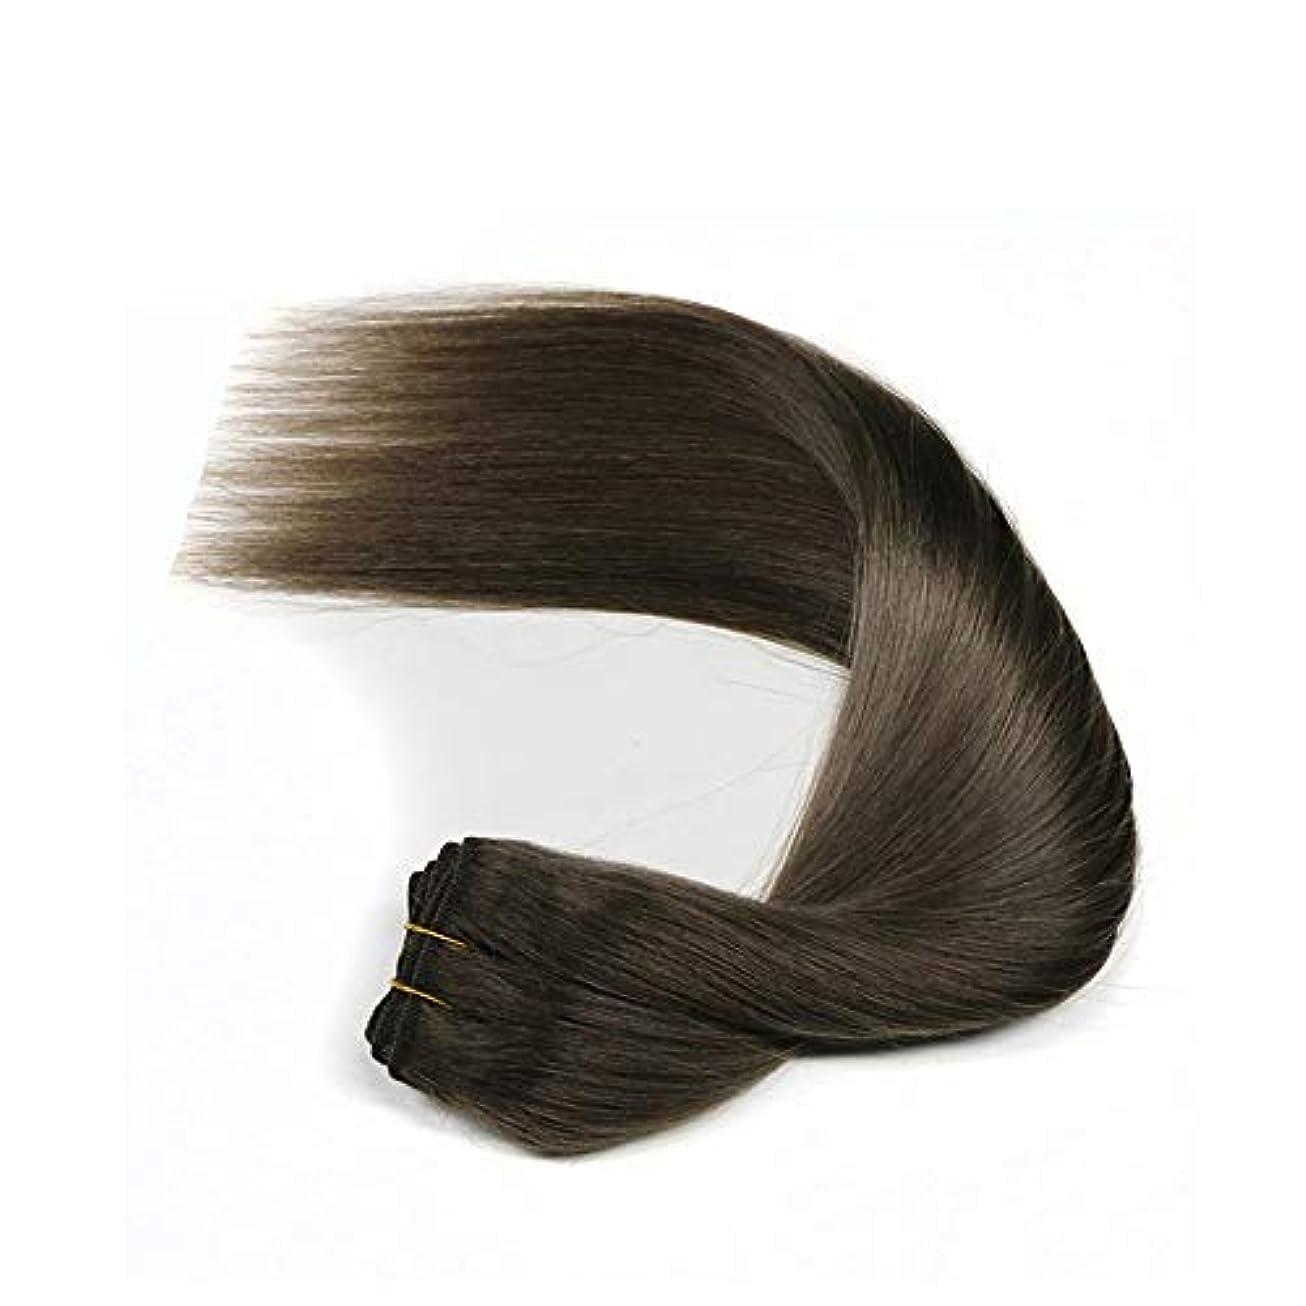 矩形言う中絶JULYTER 女性のためのブラジルの100%未処理の人間の髪の束ストレートヘア生物学的な黒いSemblance (色 : Natural color, サイズ : 20 inch)